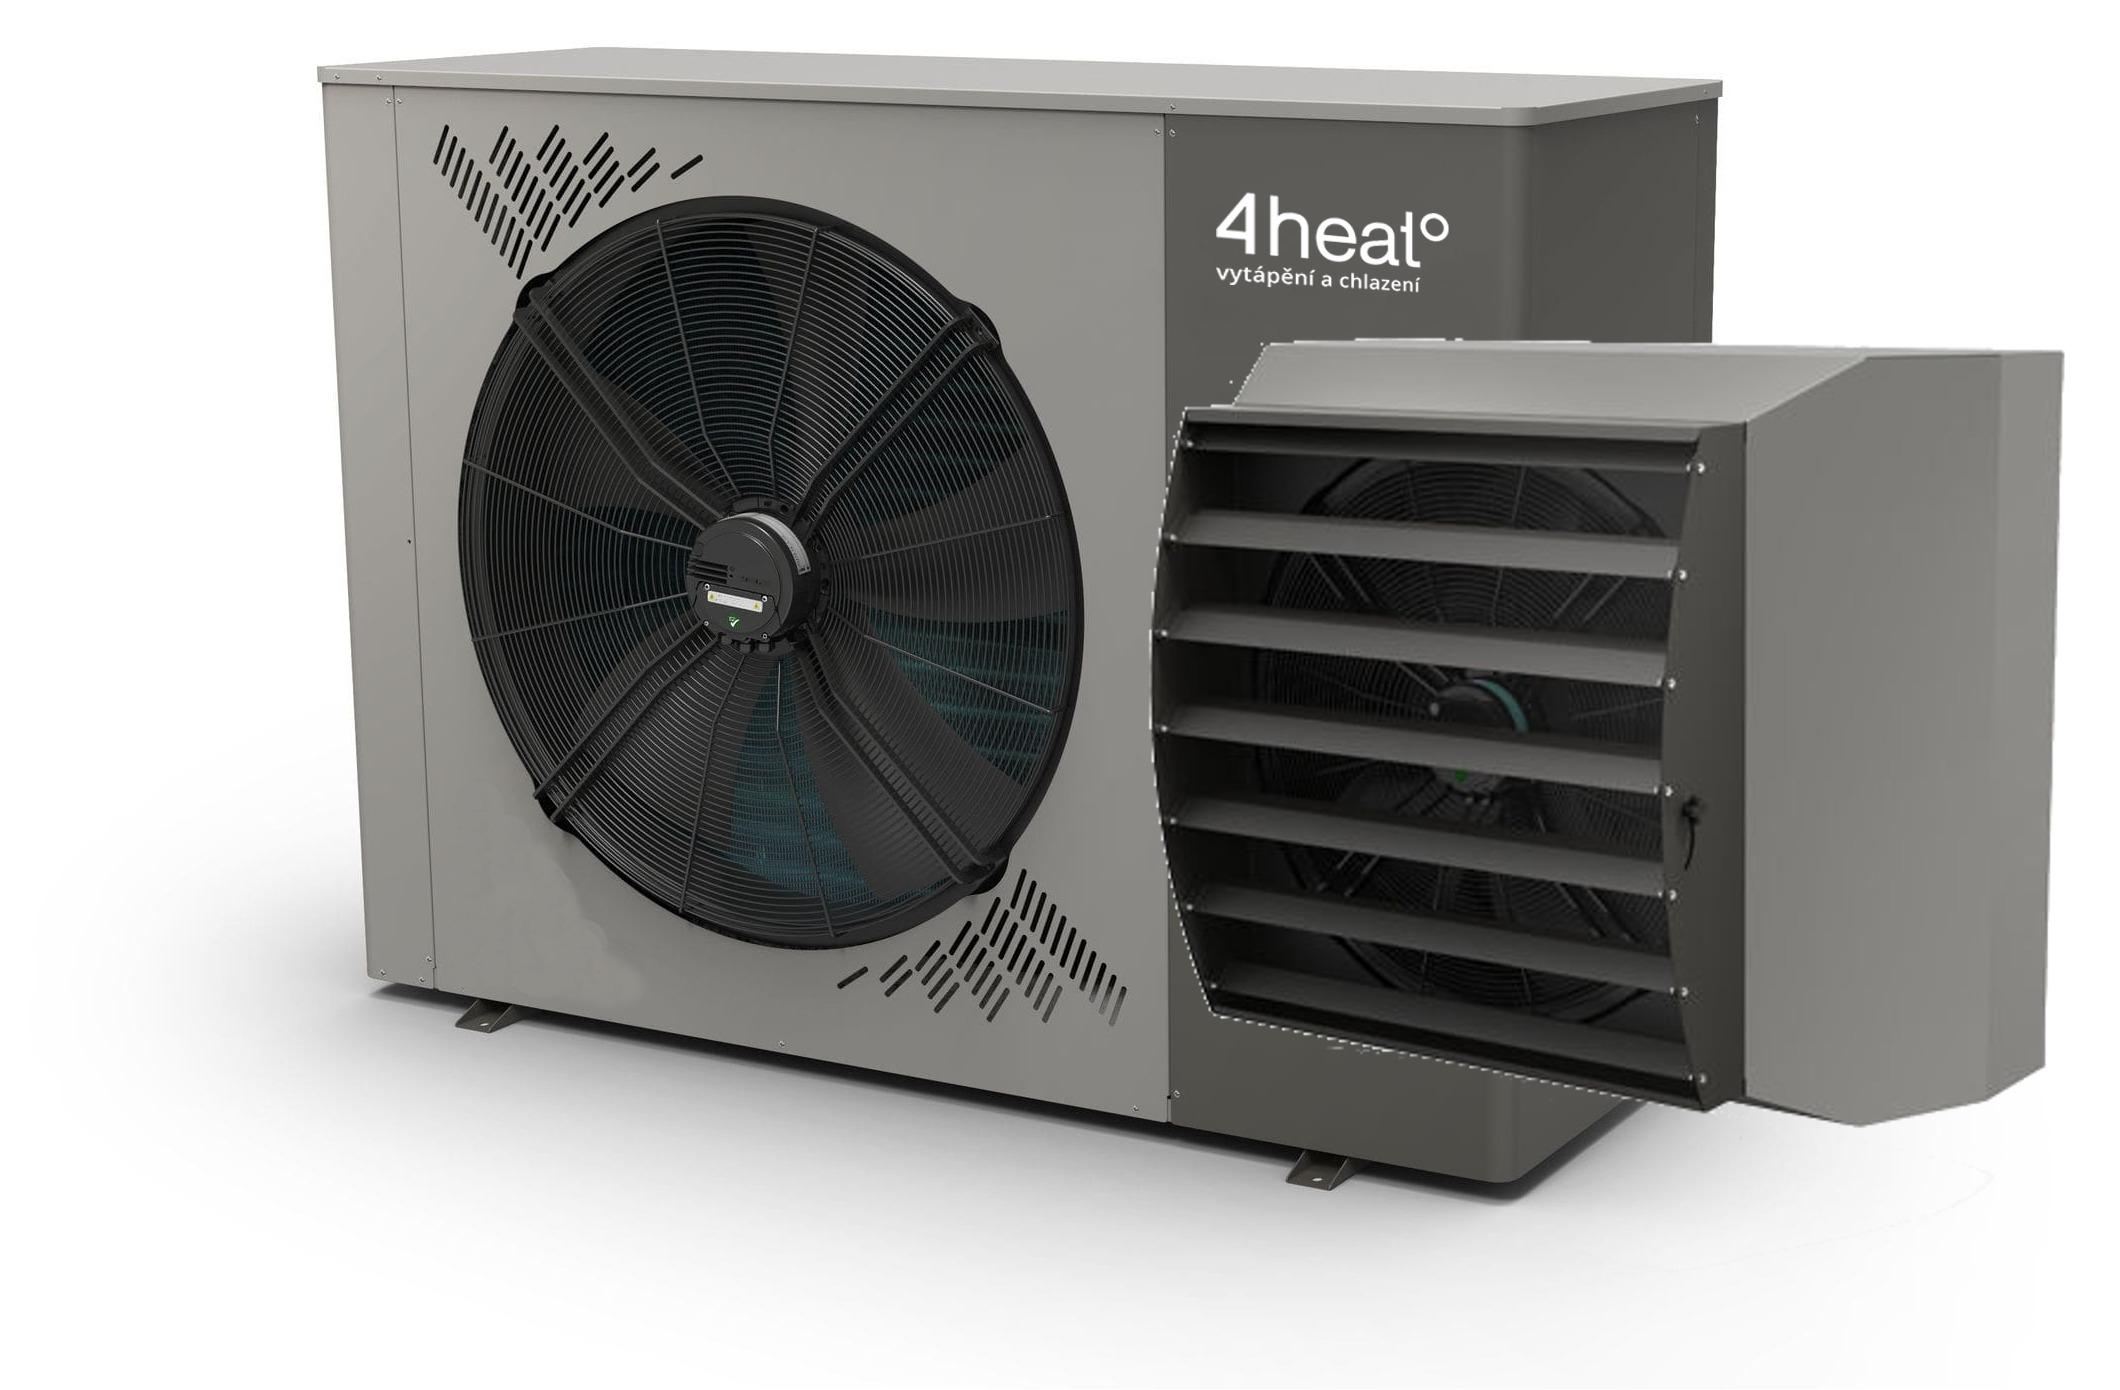 tepelné-čerpadlo-vzduch-vzduch-sax-kita-air